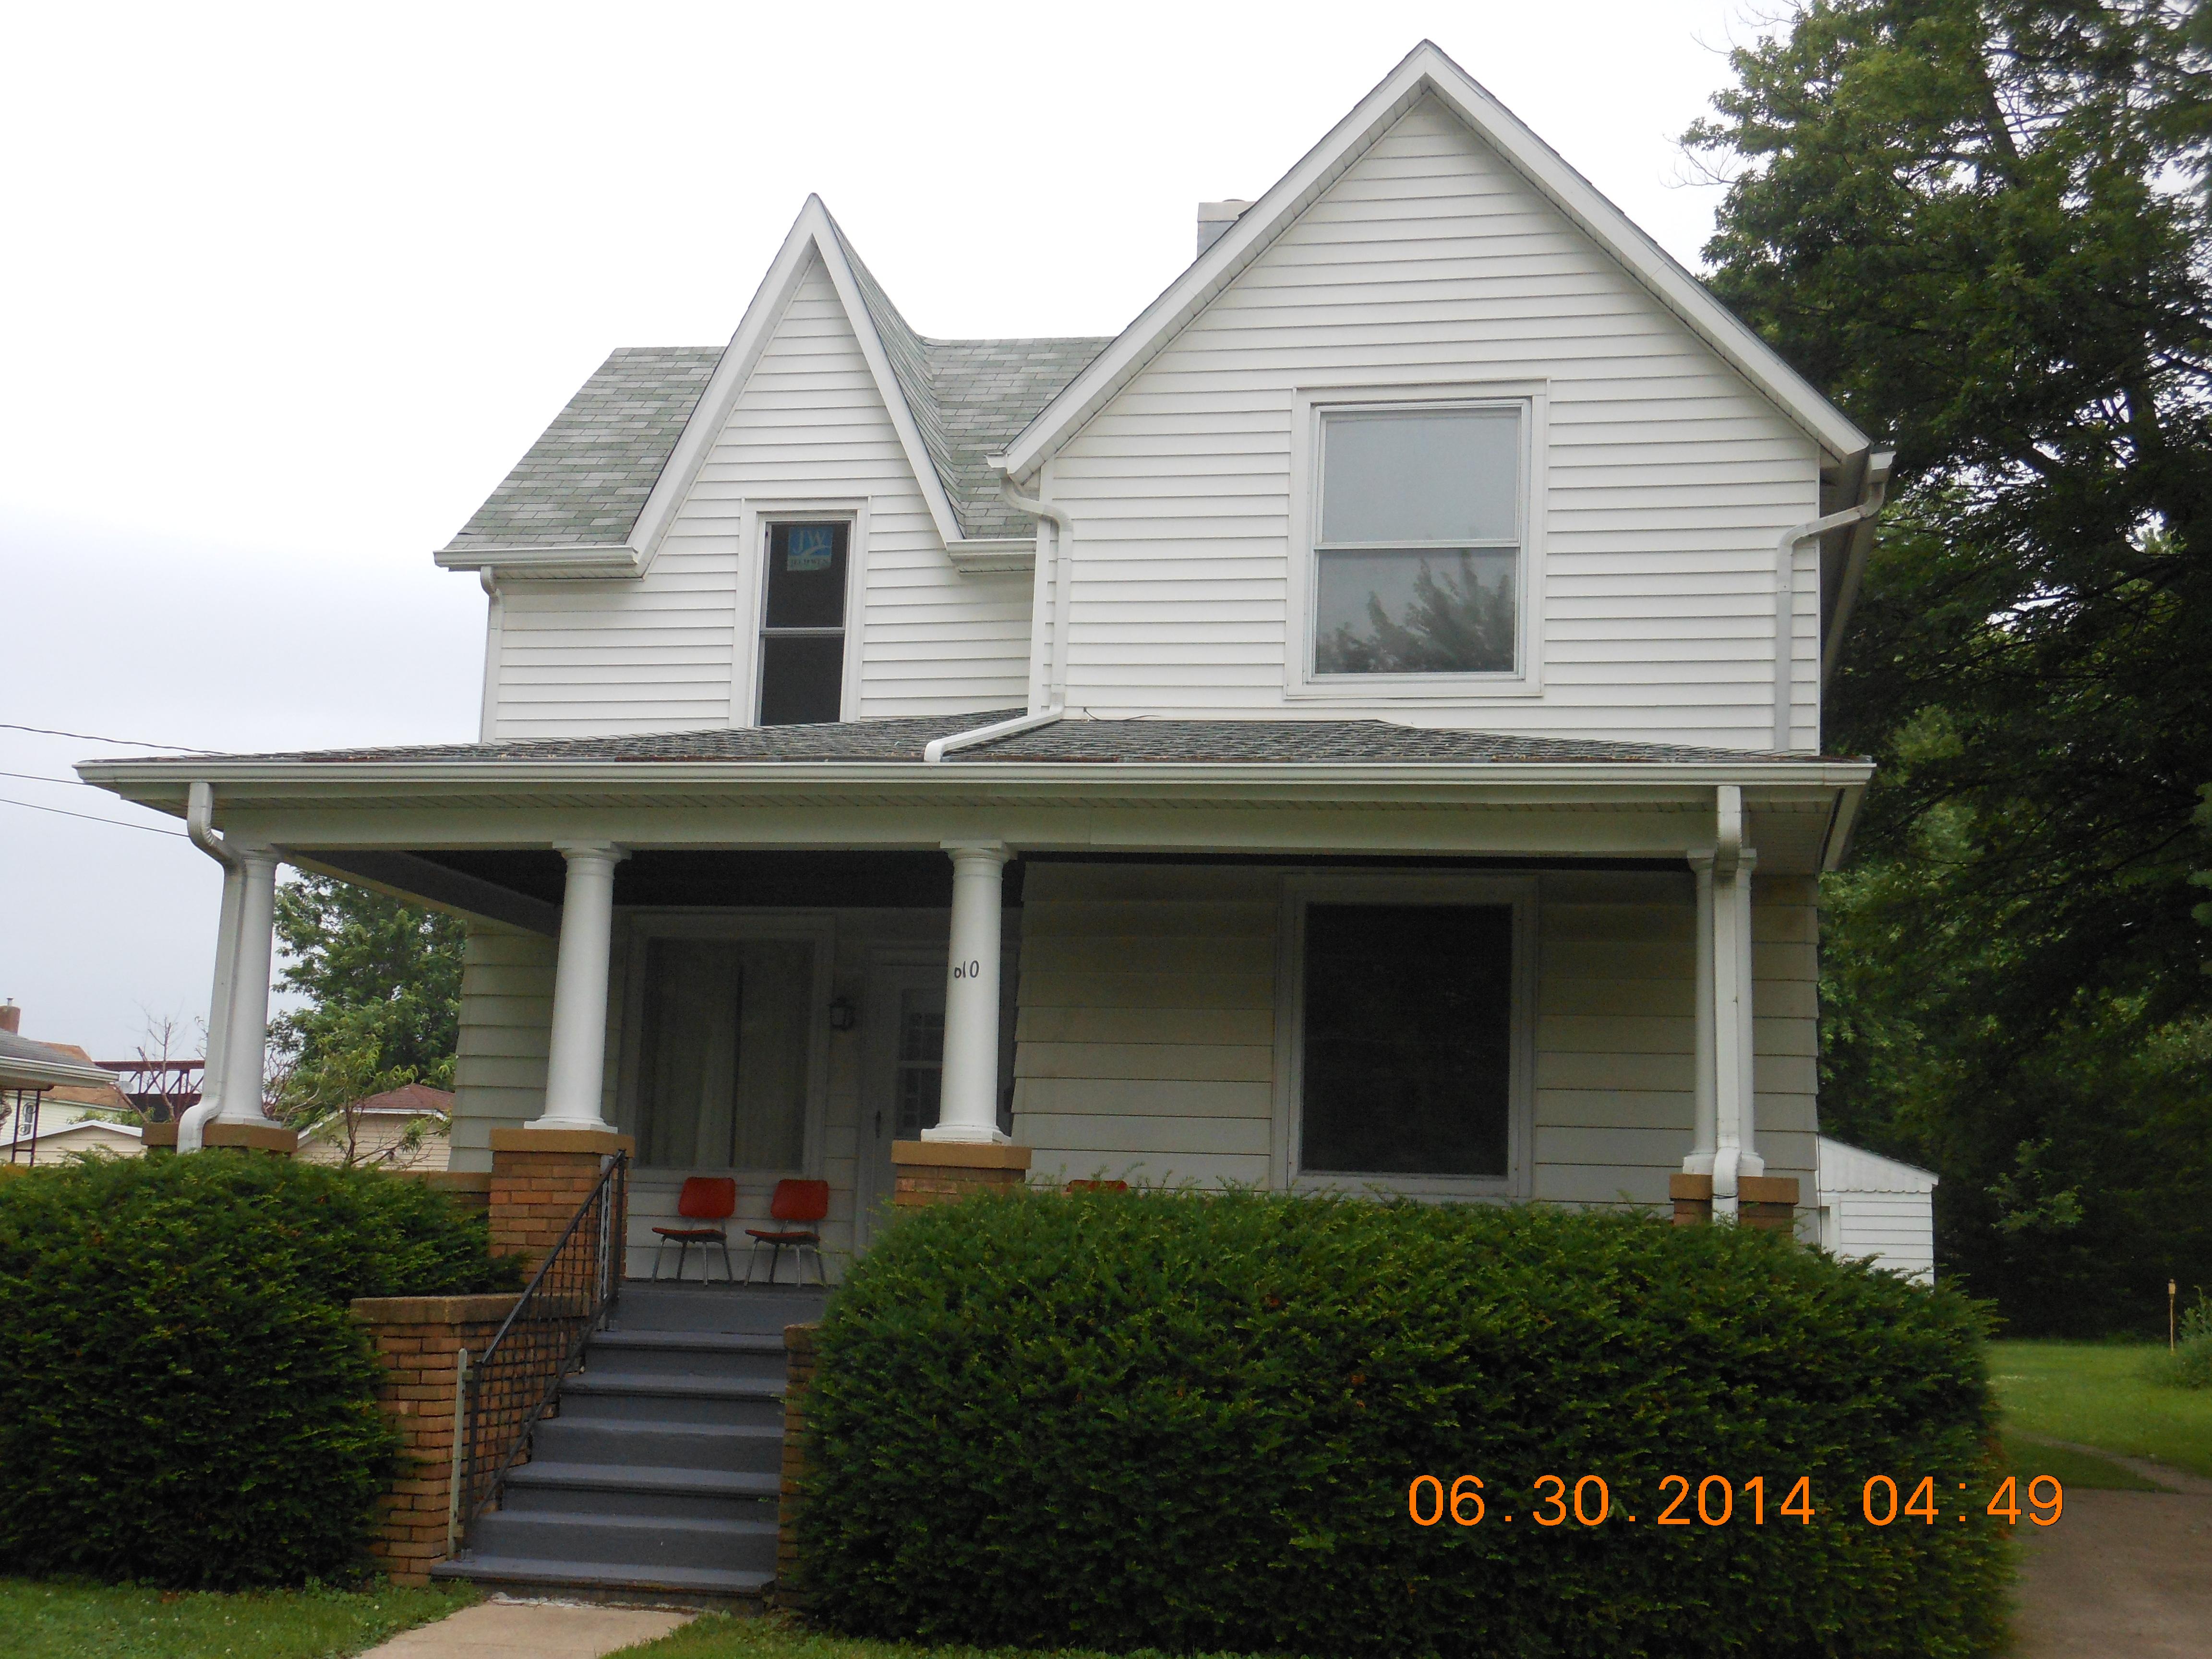 610 e 2nd, Kewanee, Illinois 61443